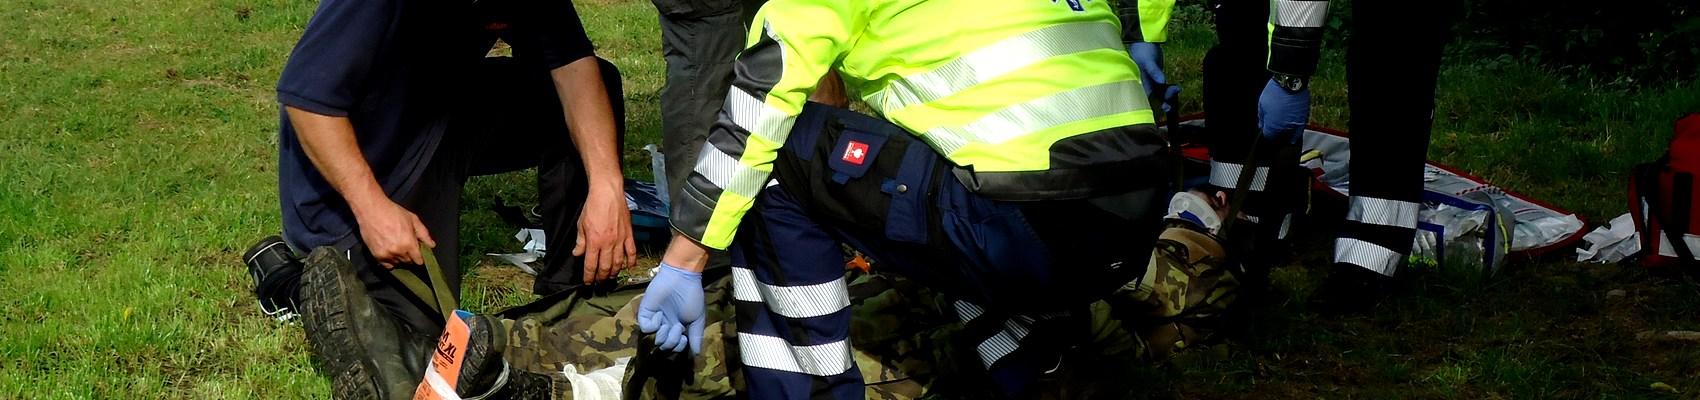 Kurz první pomoci, zdravotní kurz, záchranářský kurz, tccc, cls, první pomoc , střelná poranění